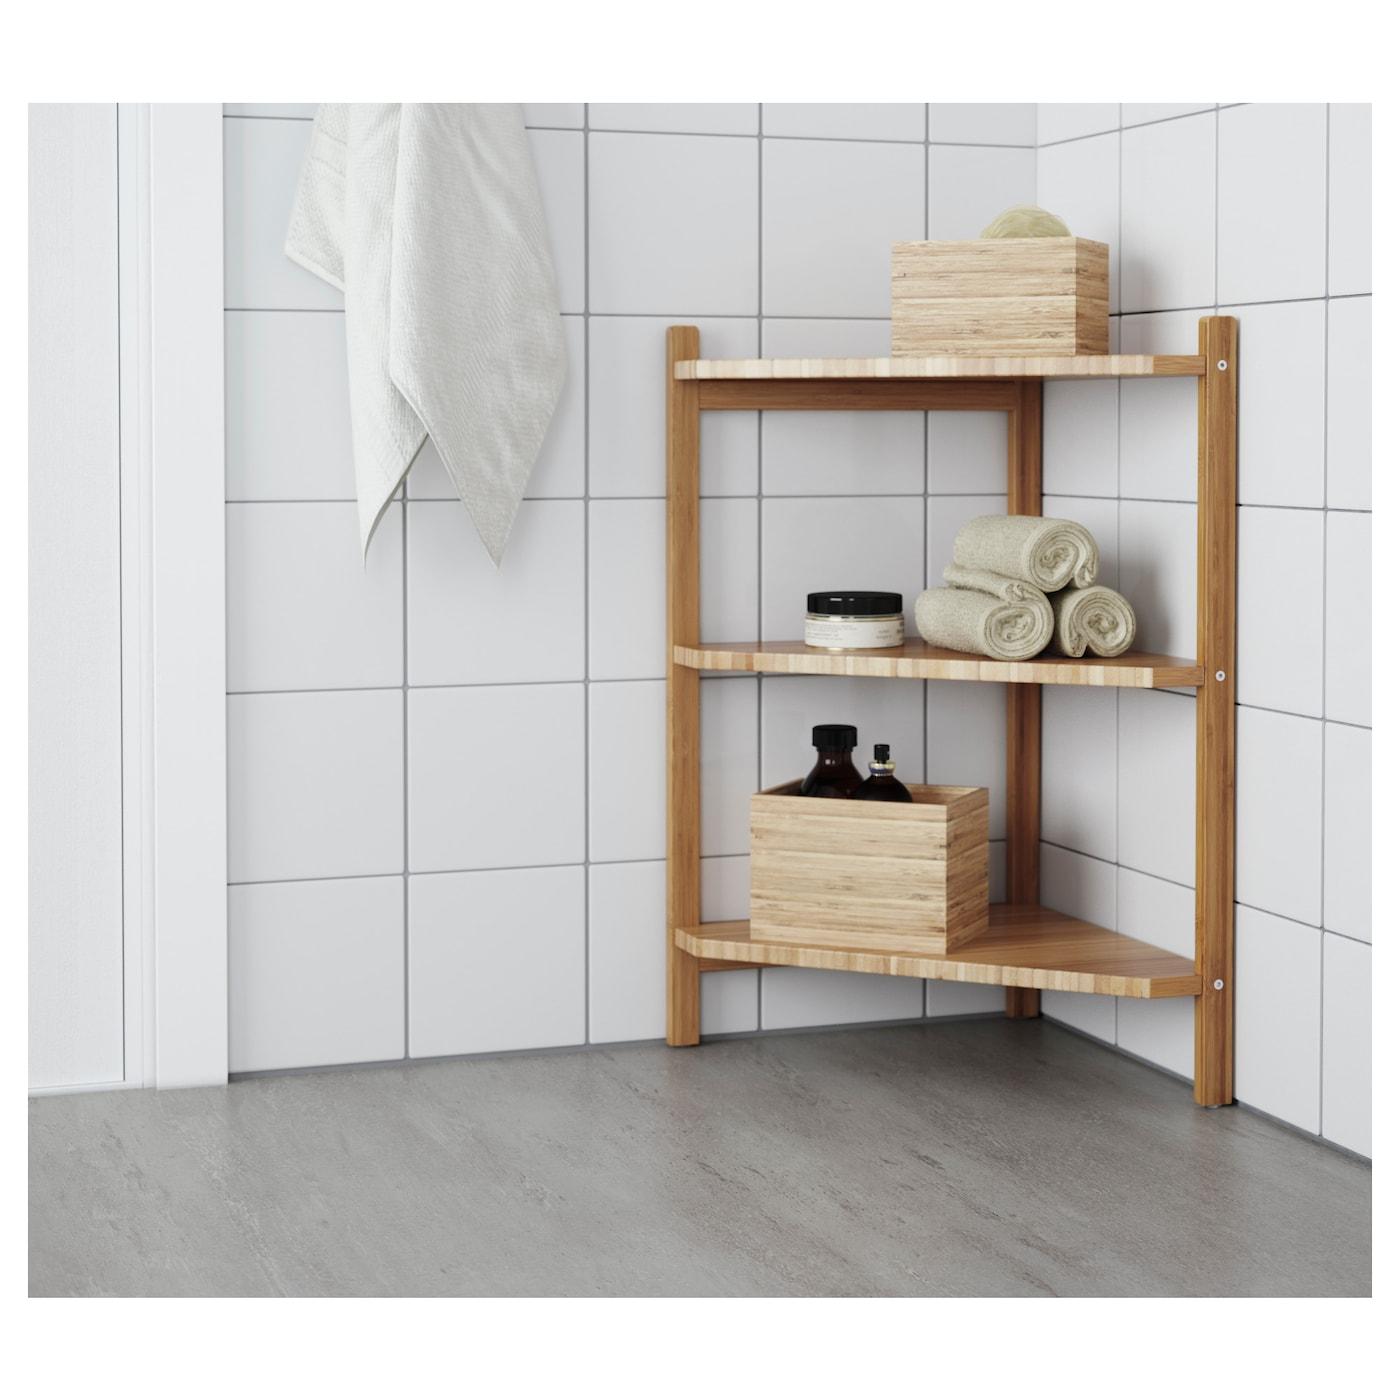 Ragrund Wash Basin Corner Shelf Bamboo 34x60 Cm Ikea